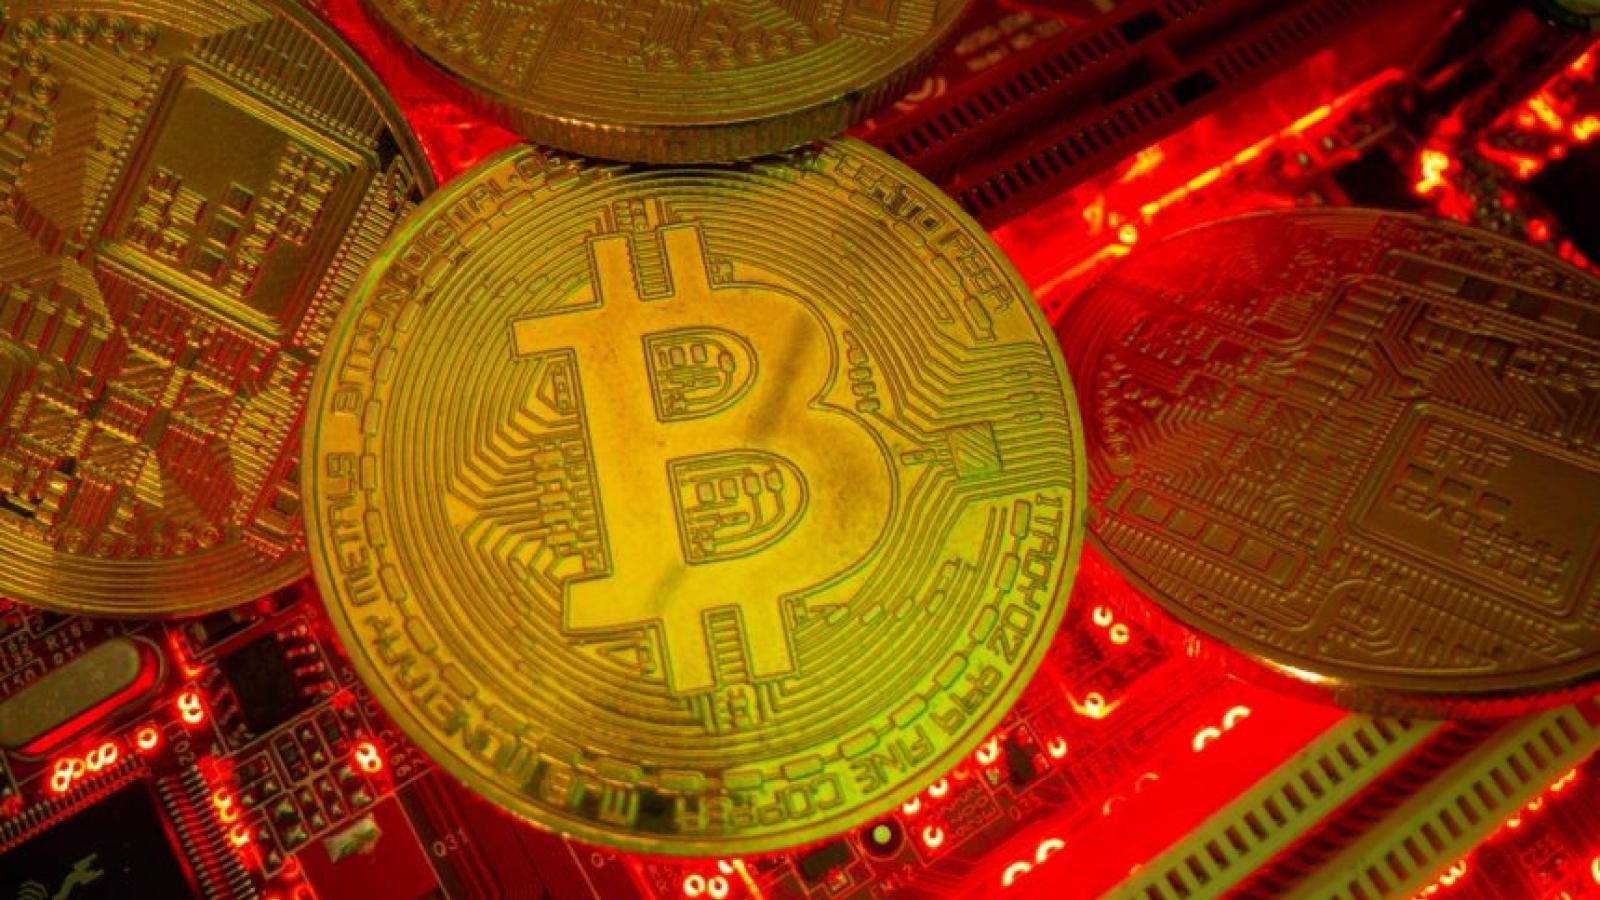 Sợ phạm luật, các mỏ đào Bitcoin ở Trung Quốc tạm ngừng hoạt động